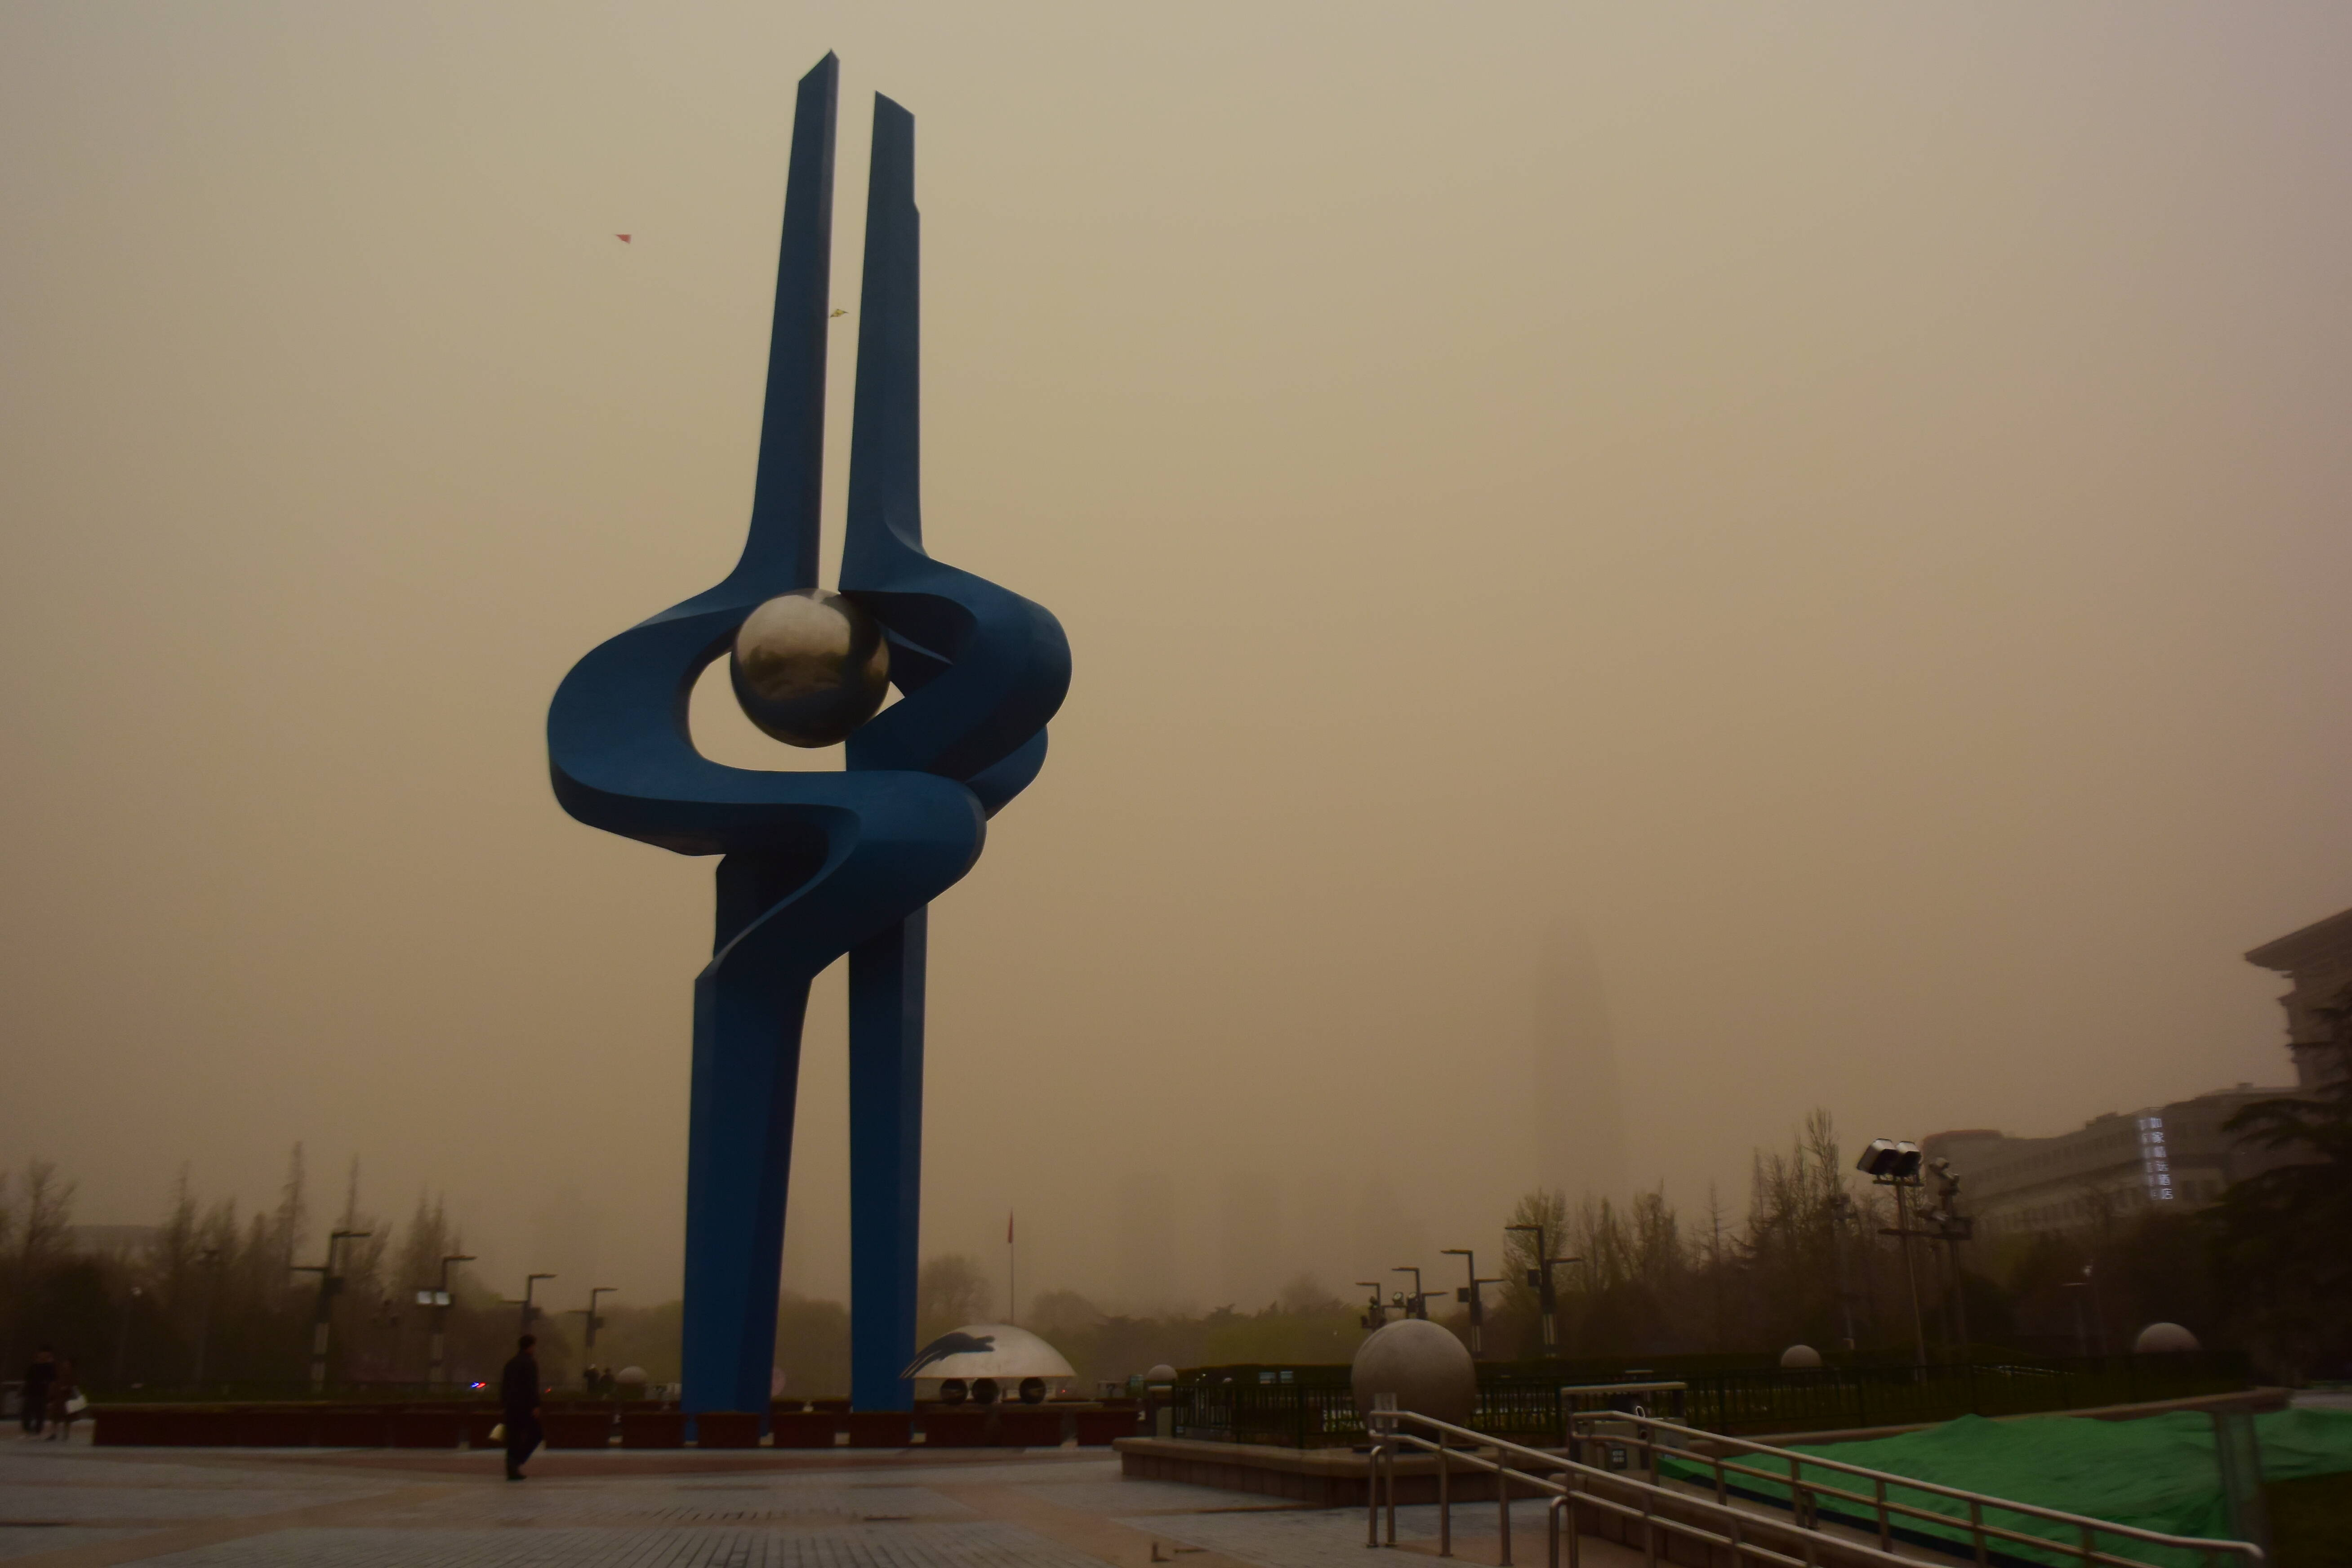 組圖(tu)∣直擊沙塵來魯chang)【ji)南出現沙塵天氣,預計(ji)持(chi)續到夜間